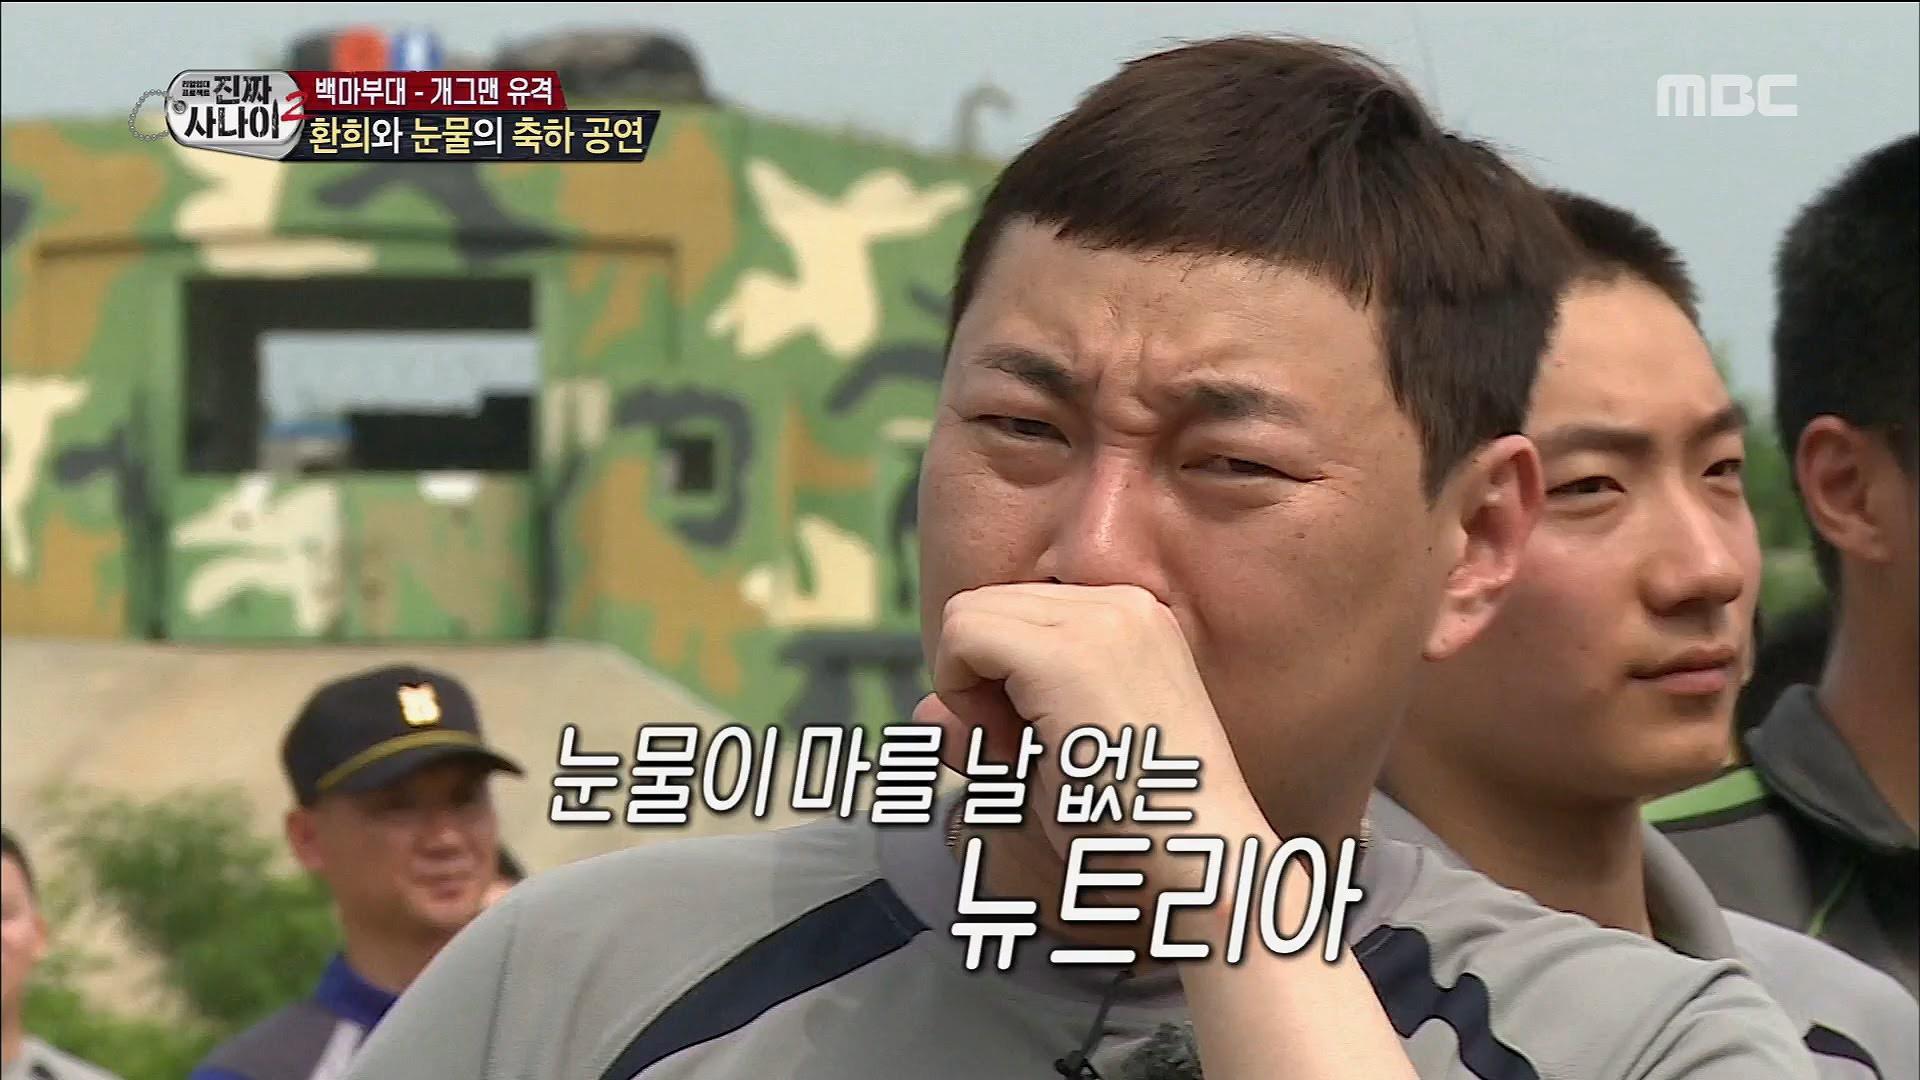 Các nhóm nữ Hàn Quốc được chào đón như thế nào trong show thực tế về quân đội? - Ảnh 6.